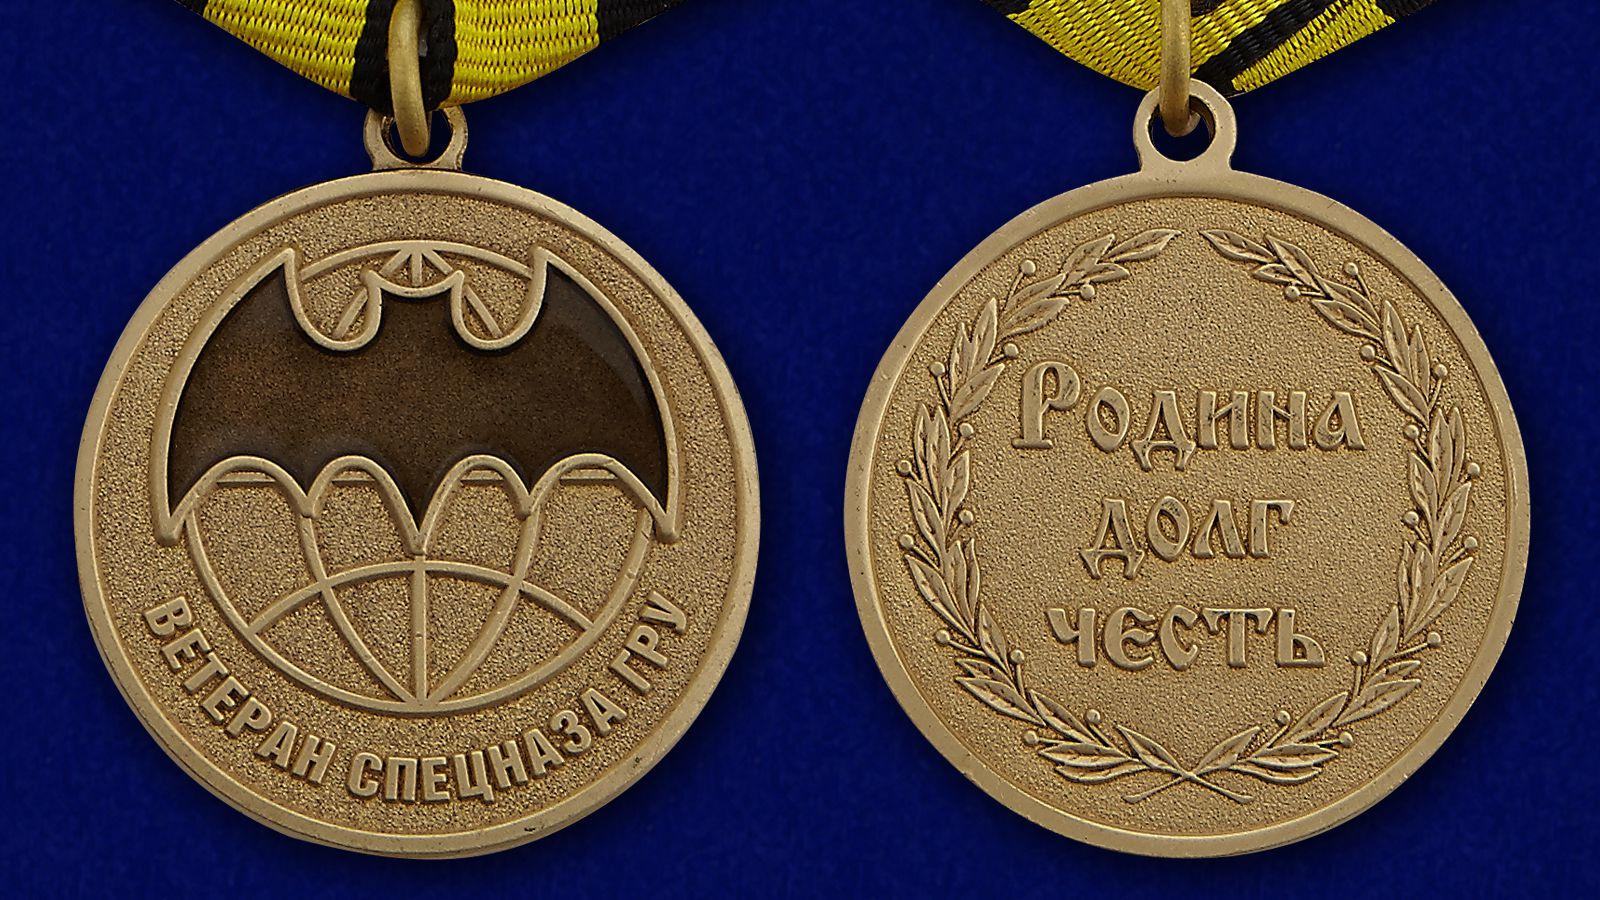 Медаль Ветеран Спецназа ГРУ (золото) - аверс и реверс